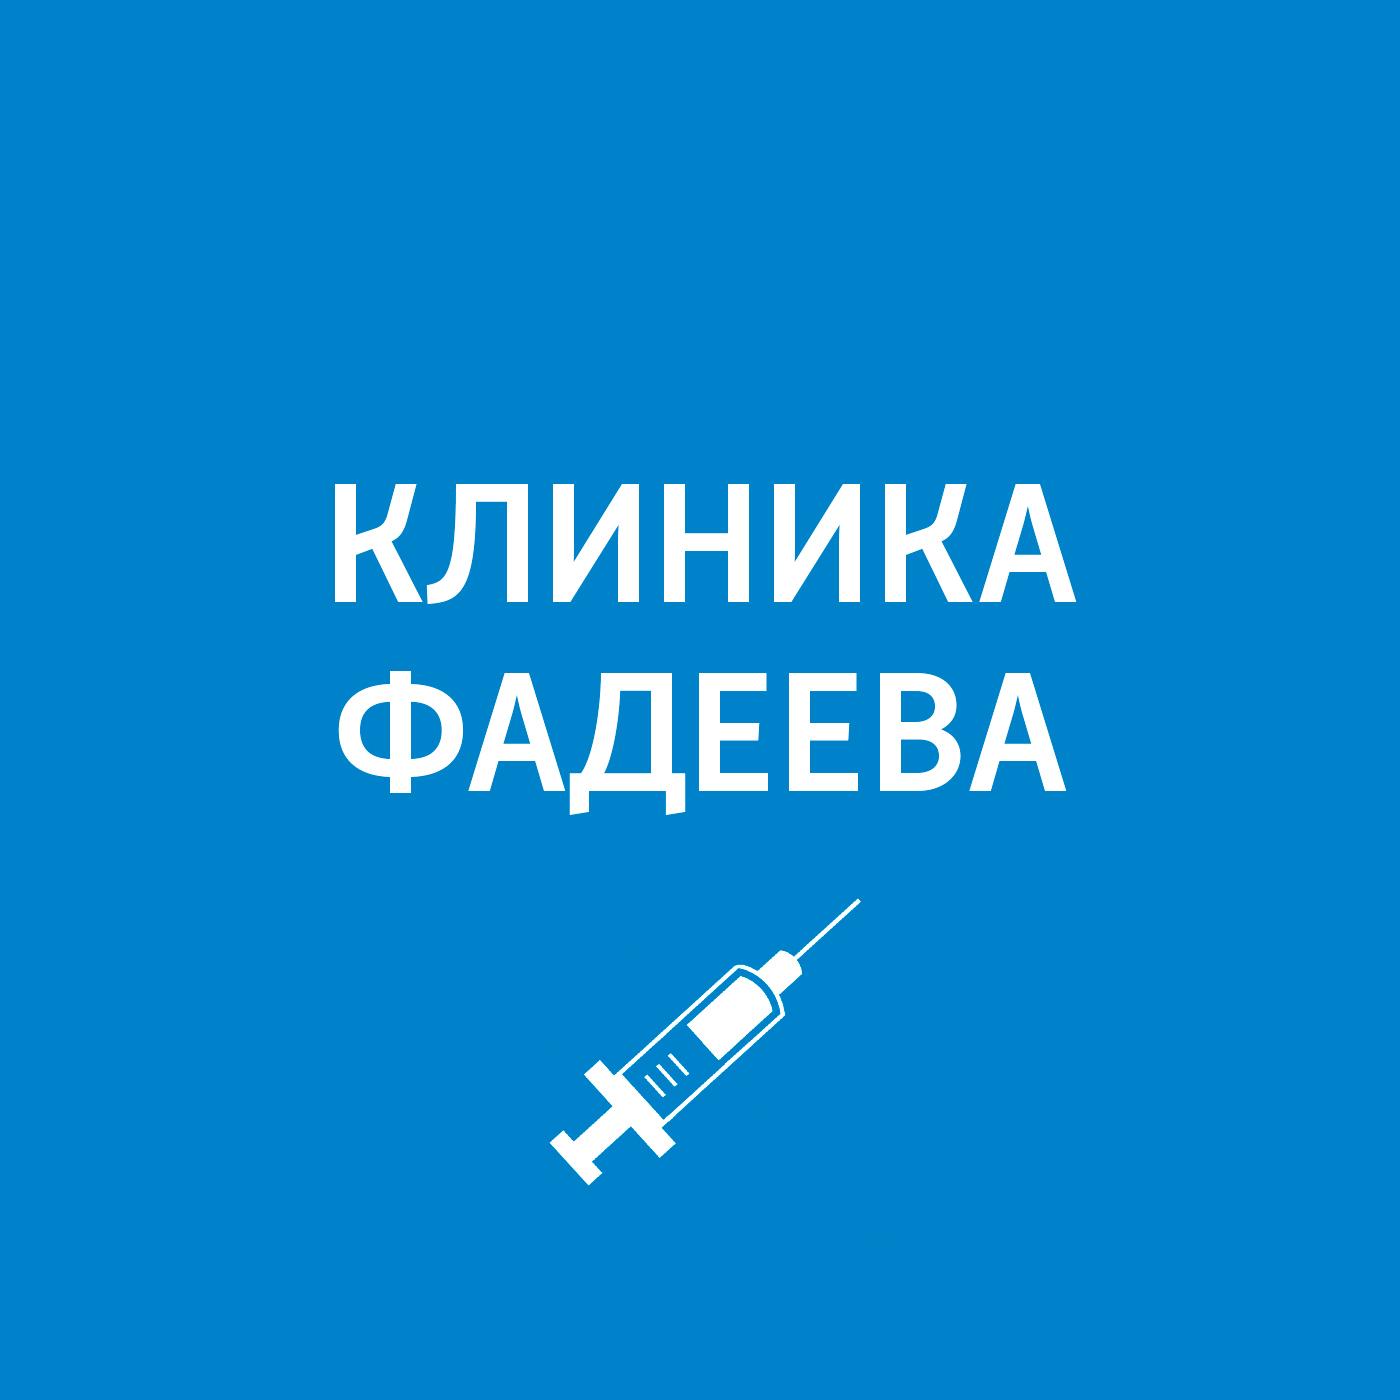 Пётр Фадеев Приём ведёт дерматолог. Кожа после лета мази и крема при псориазе